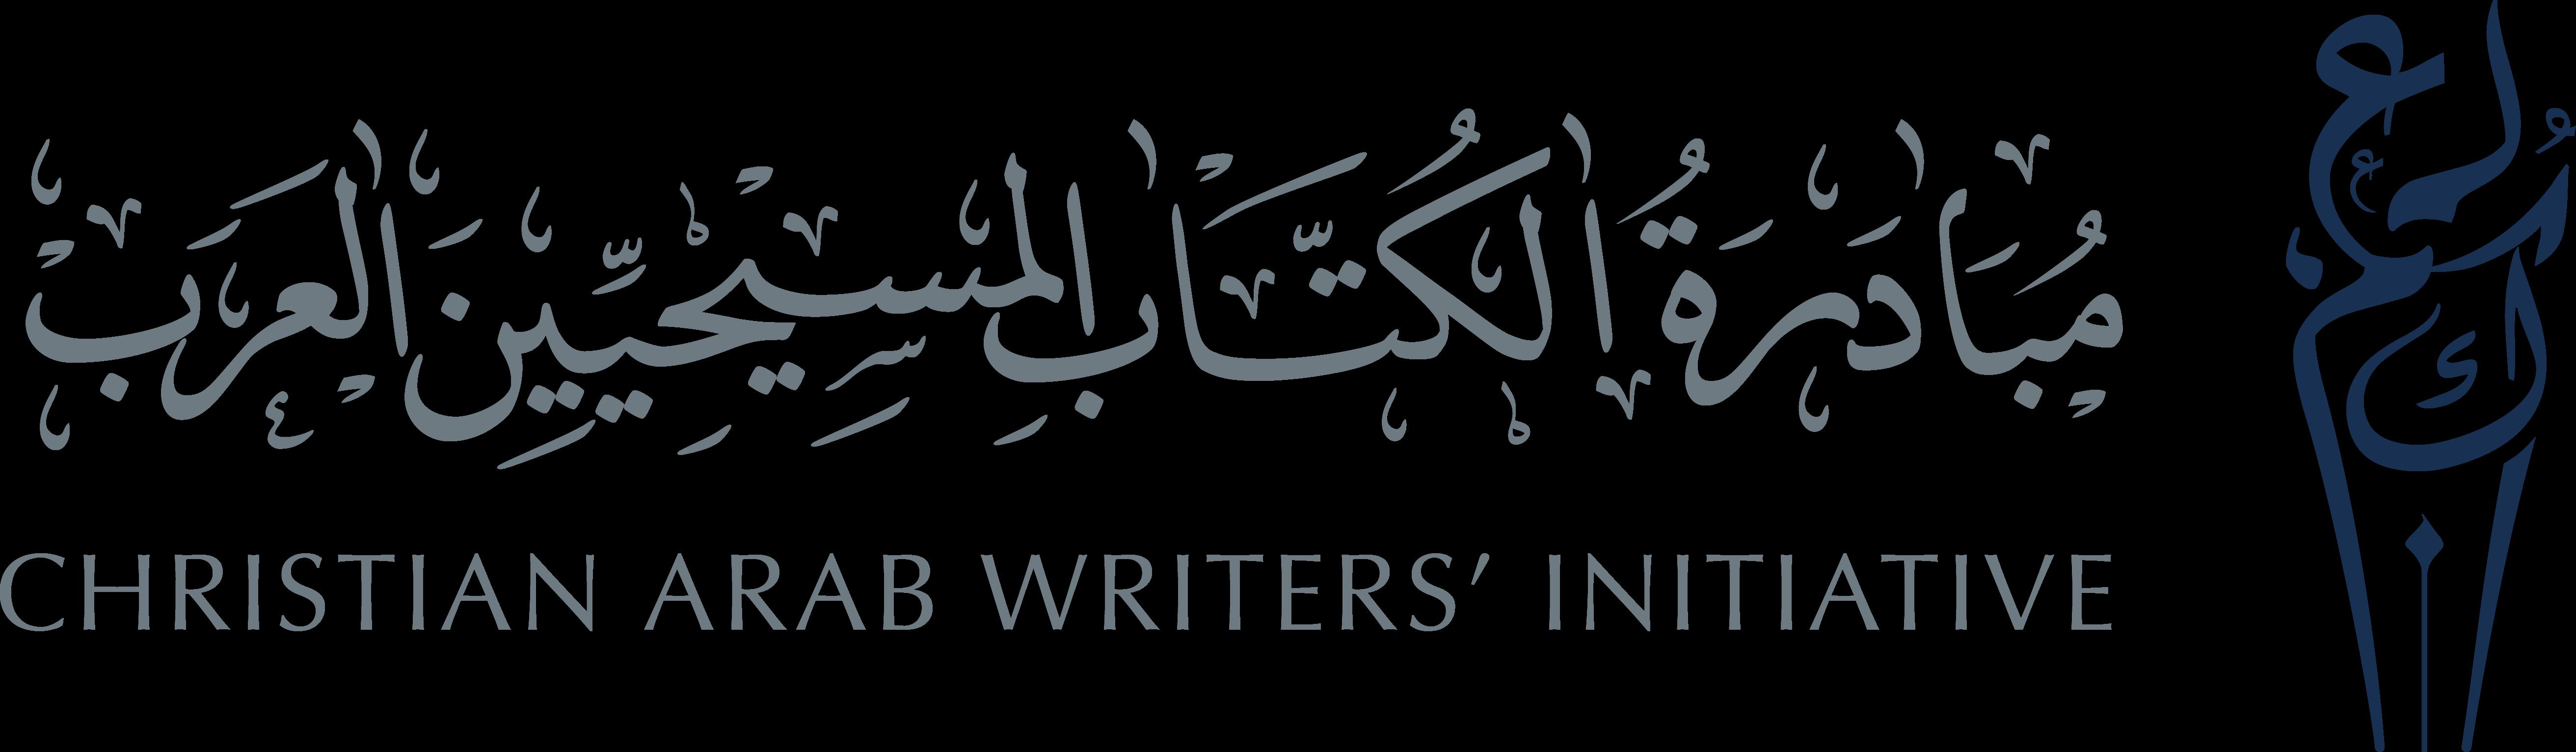 مبادرة الكُتاب المسيحيين العرب